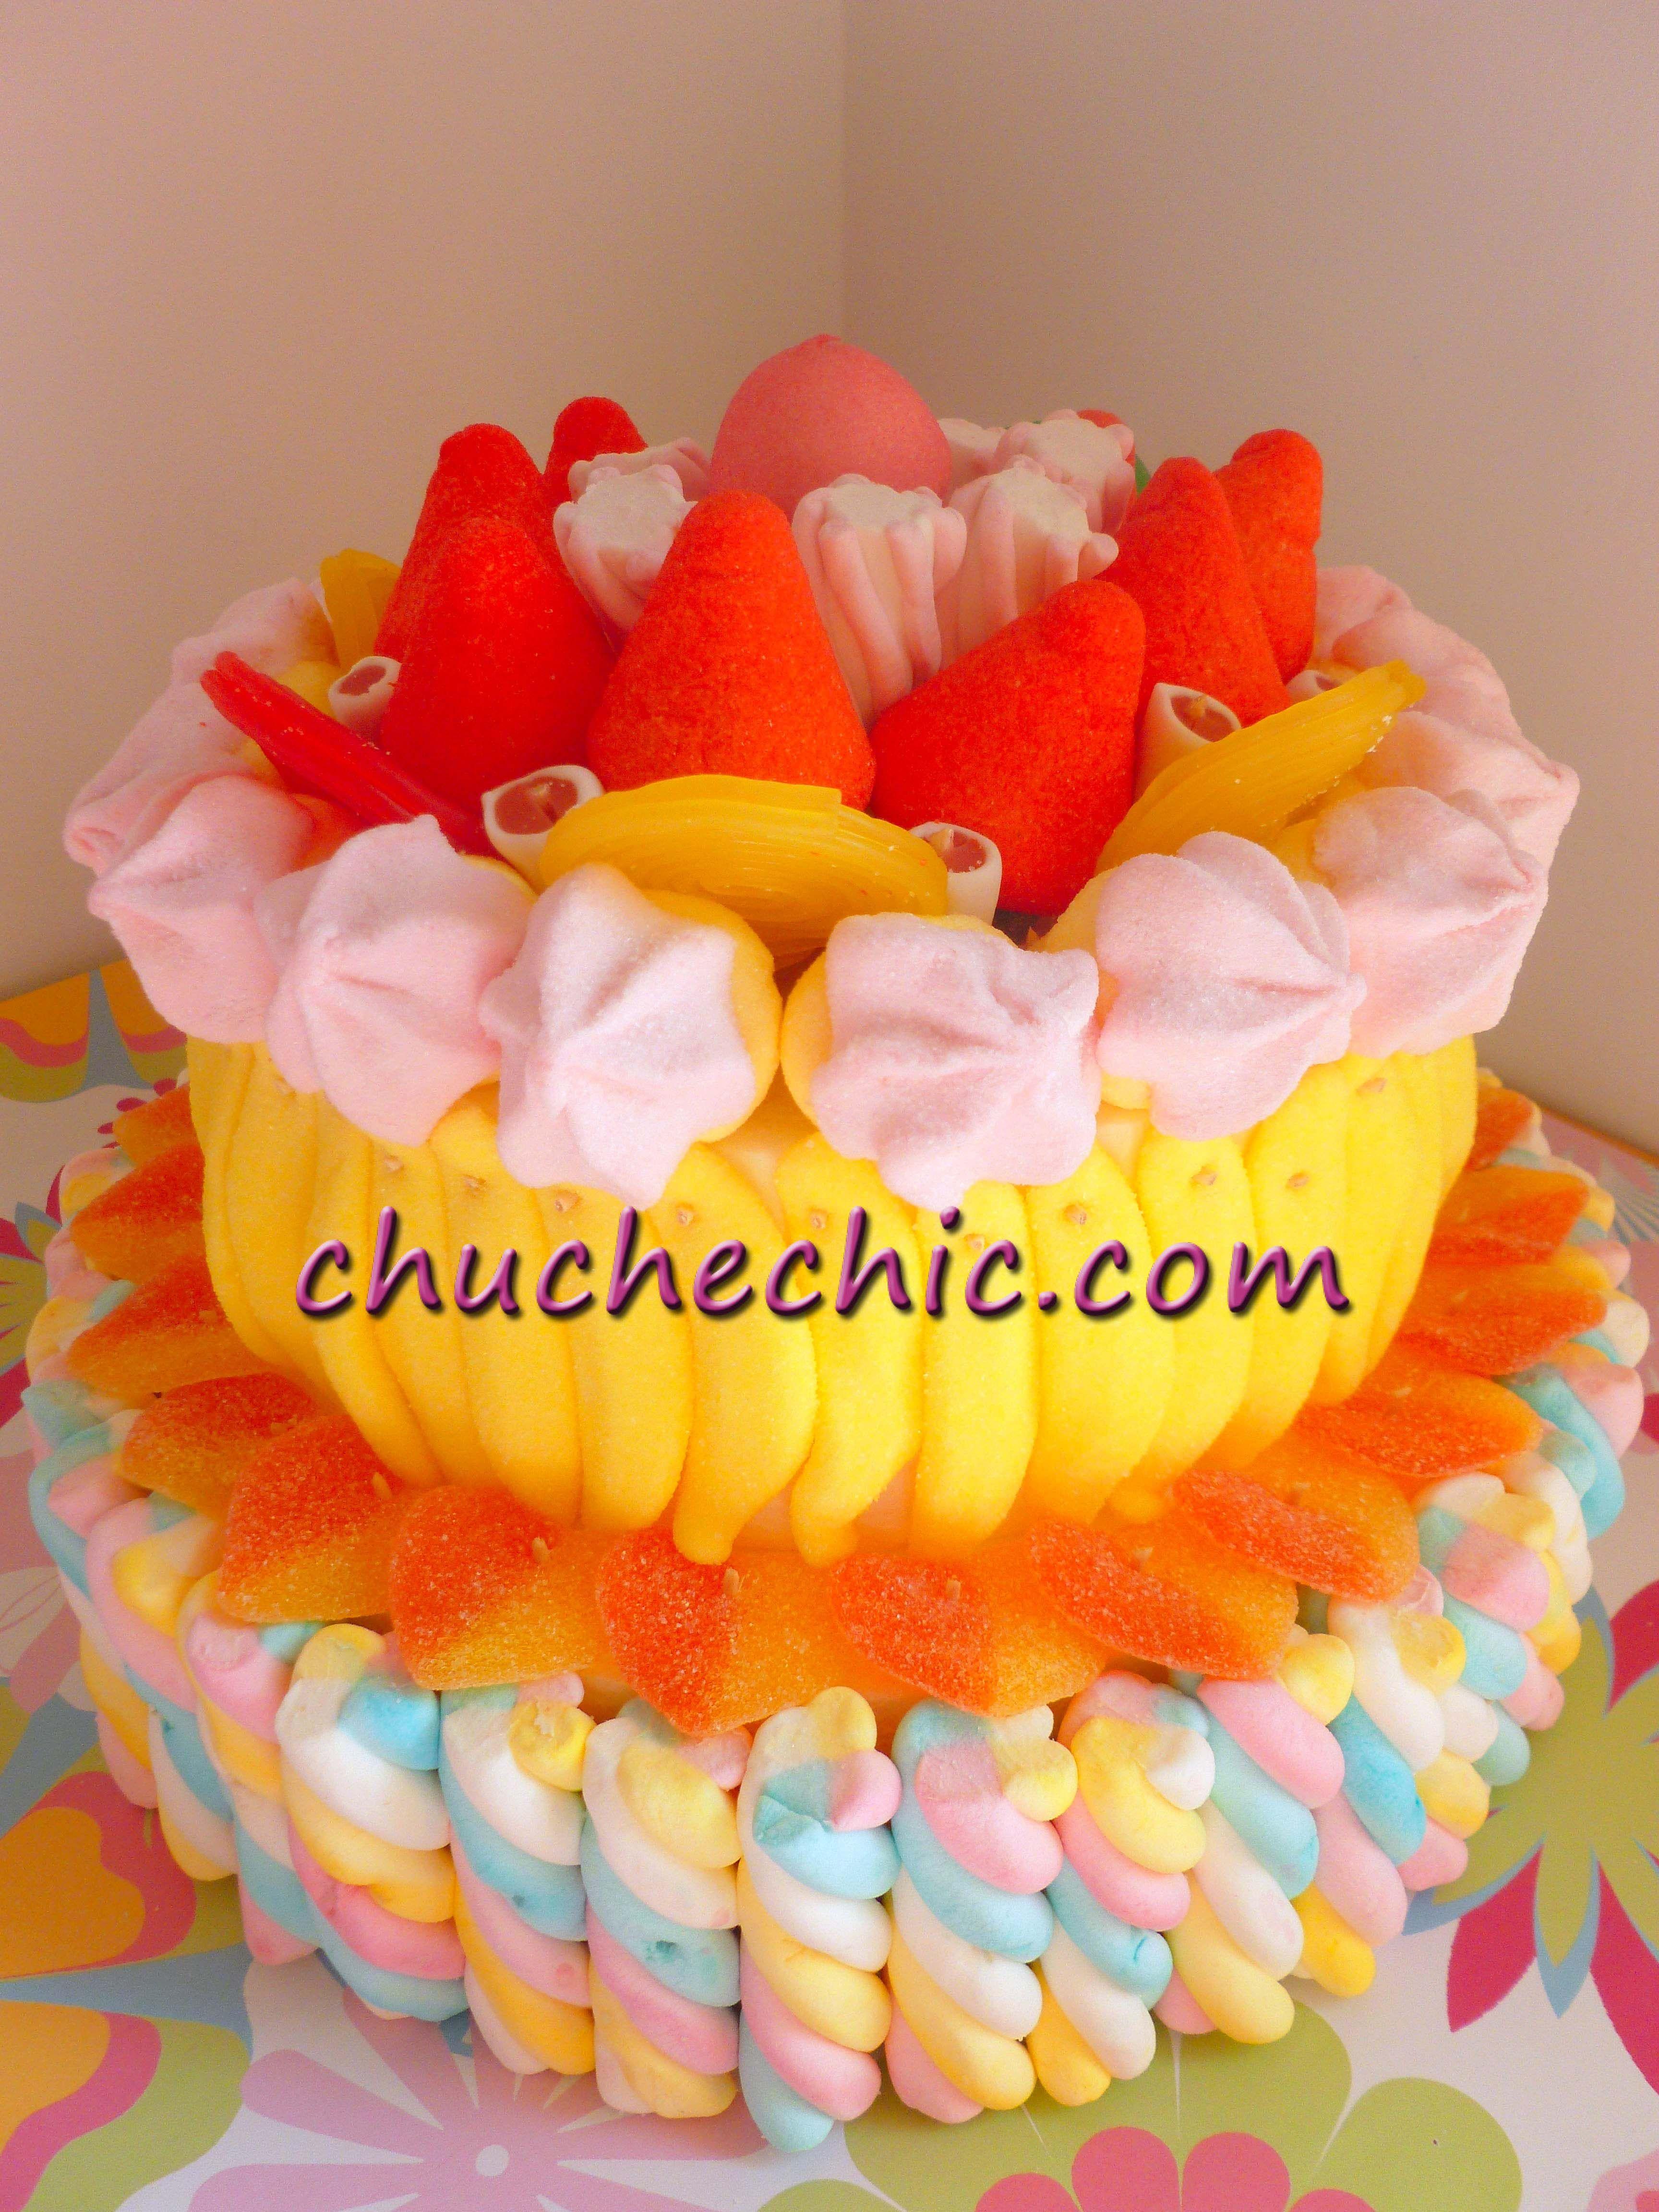 Tartas De Gominolas Chuchechic 2 Pisos Chuches Variados